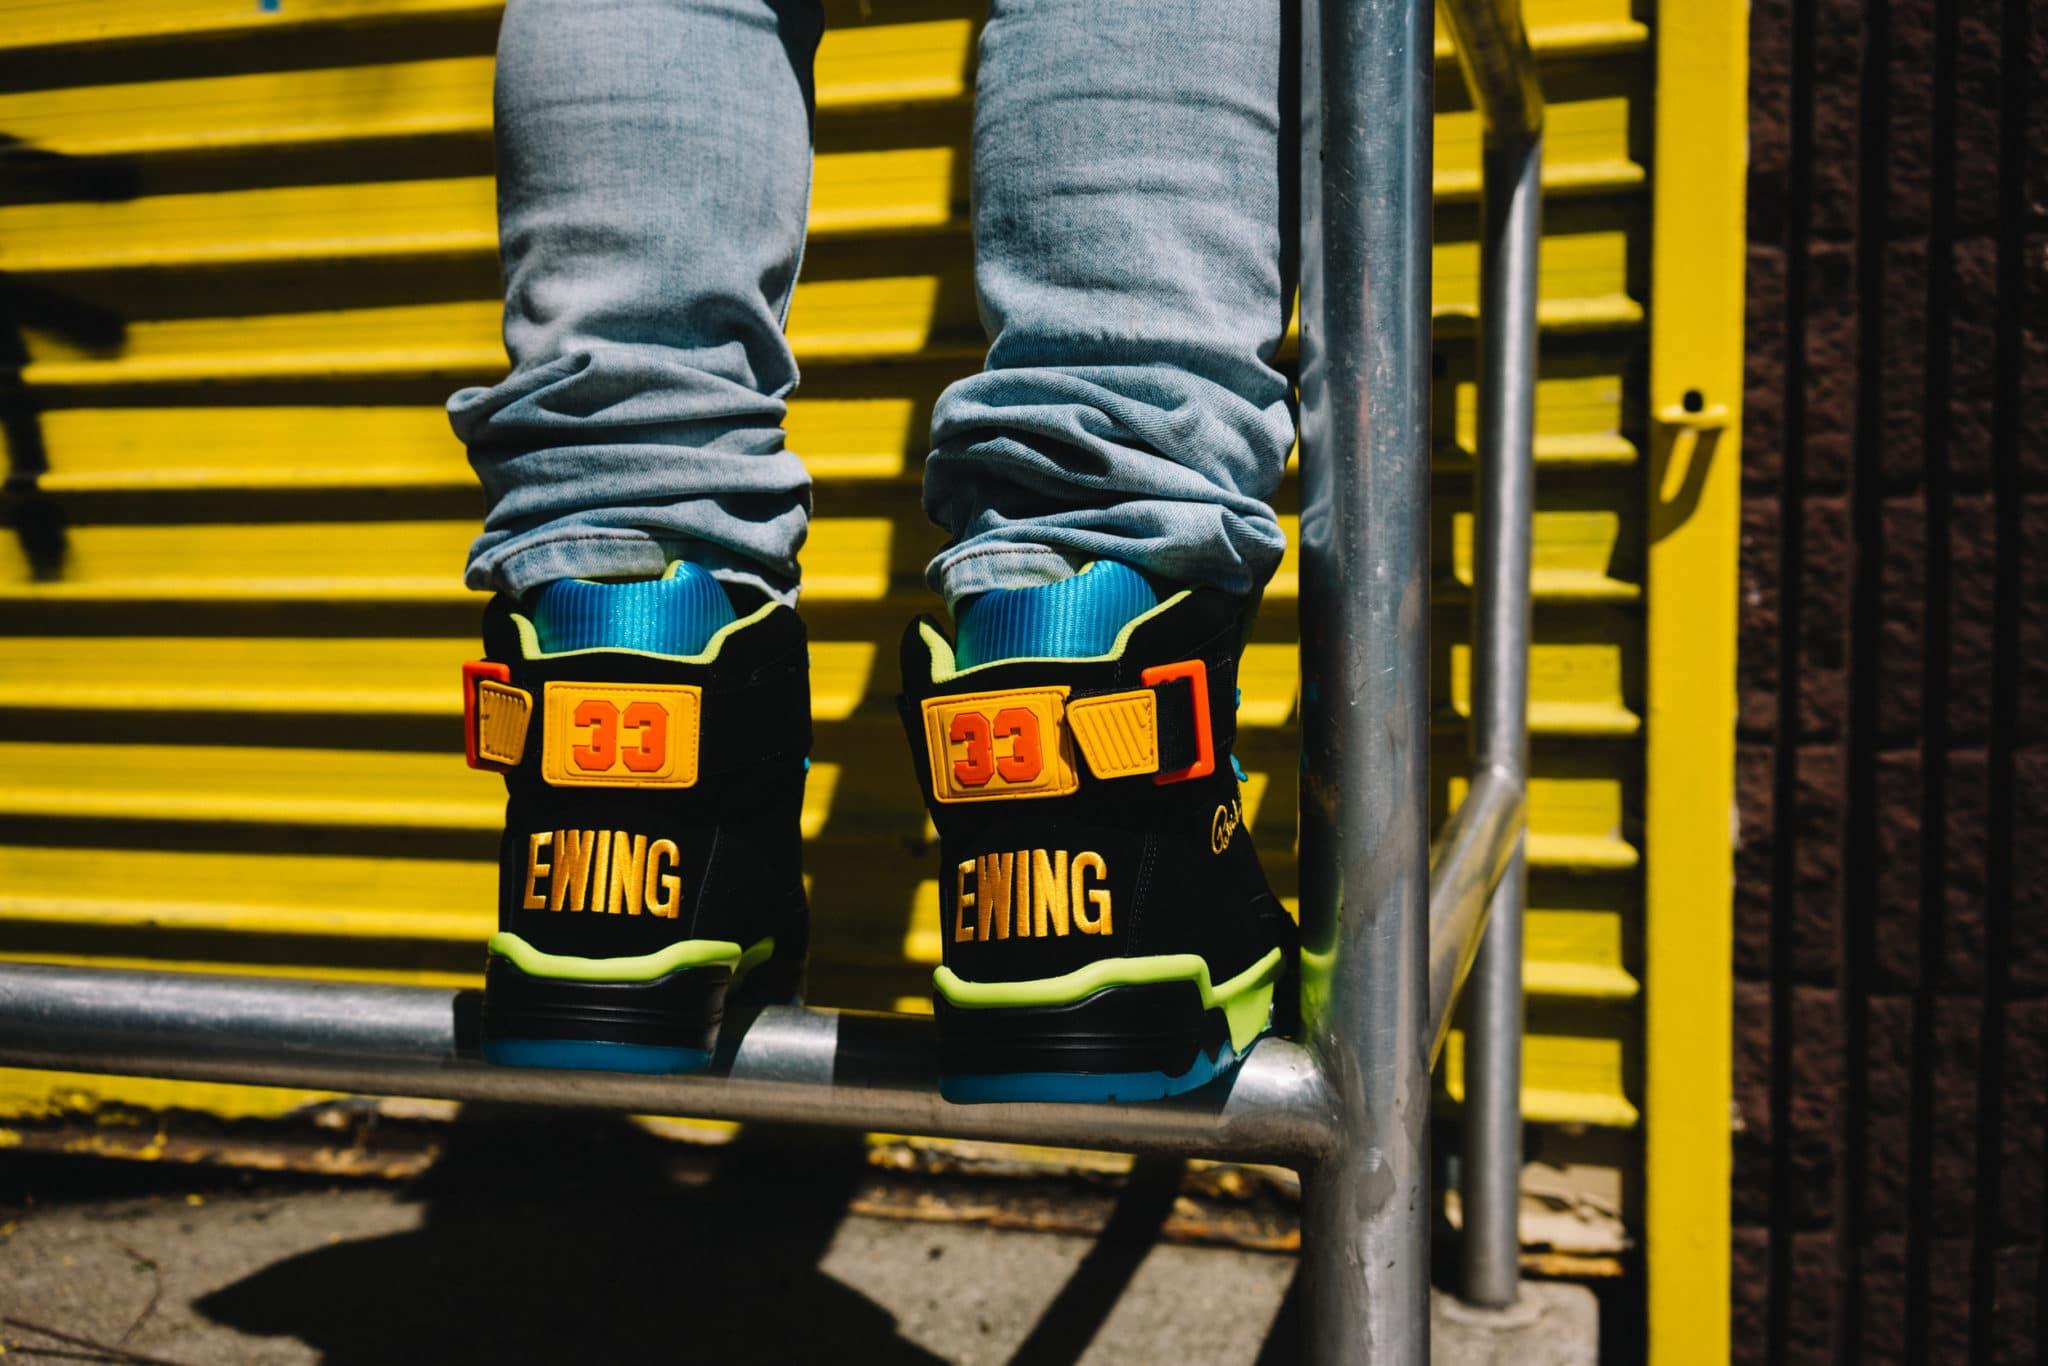 EPMD Ewing 33 Hi